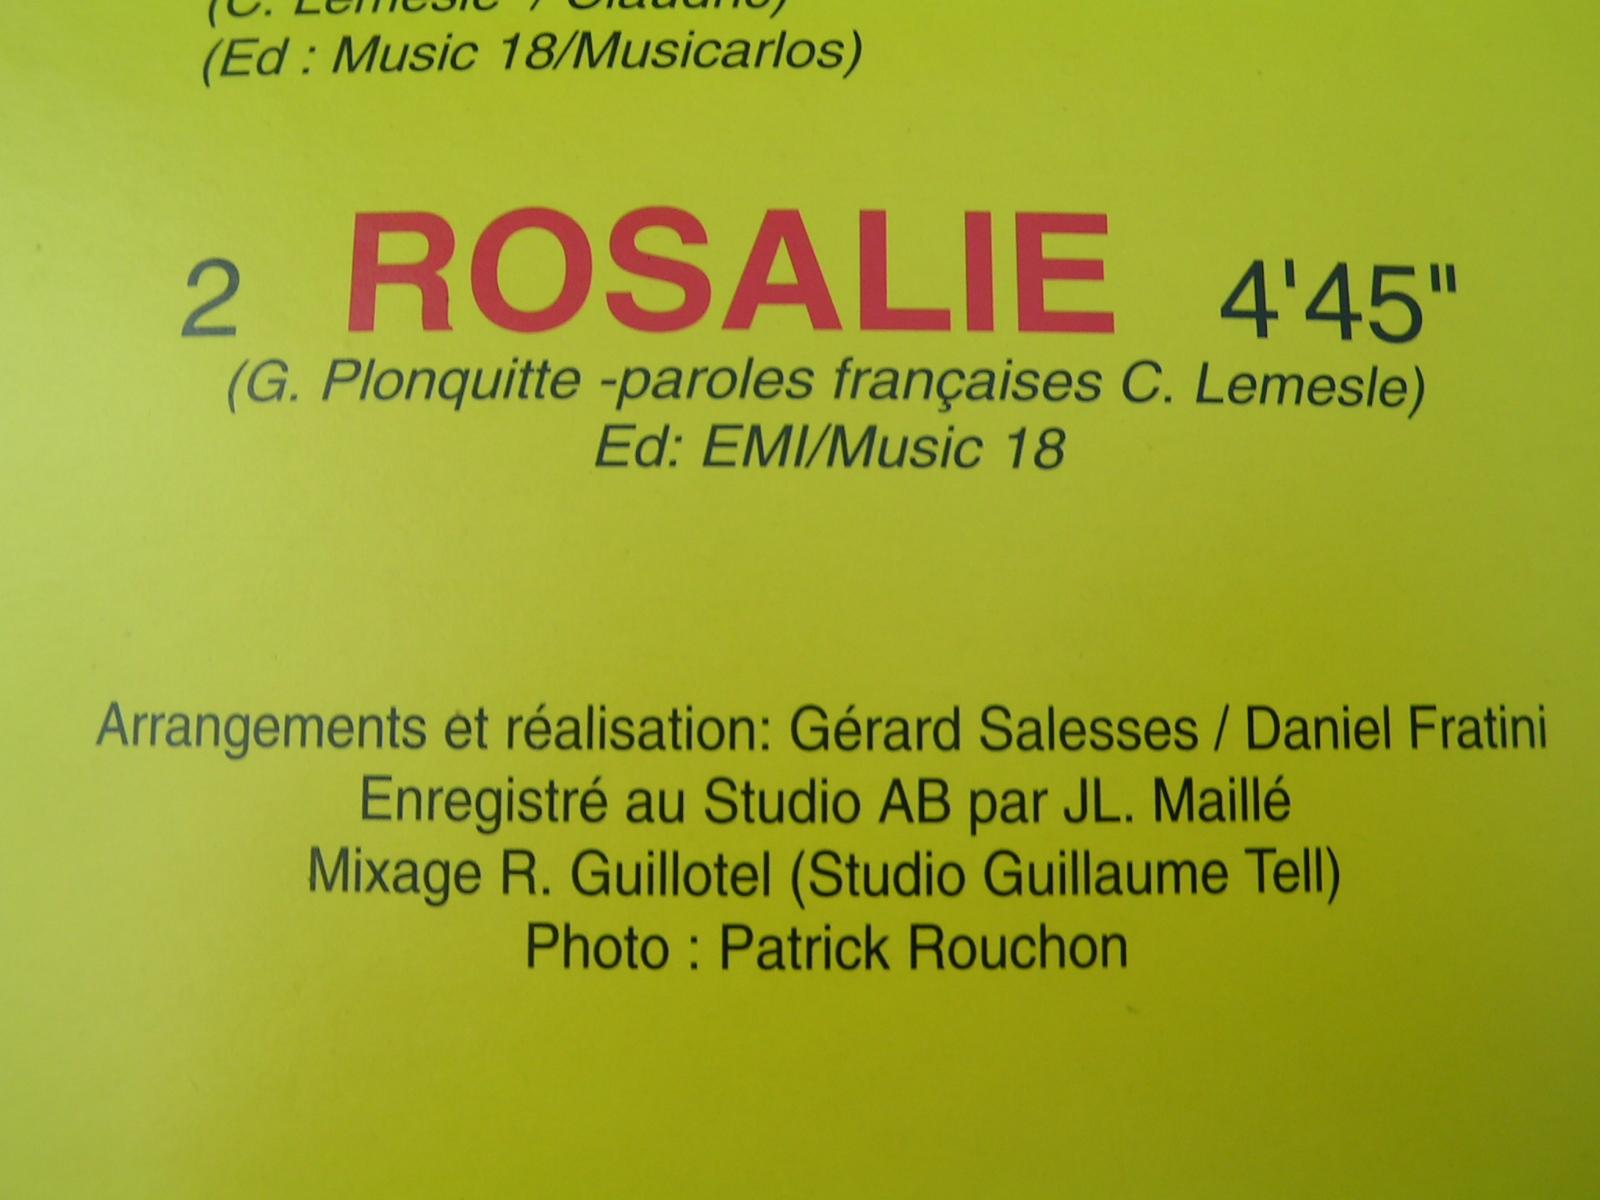 Dorothée et AB Productions Pict0017ep